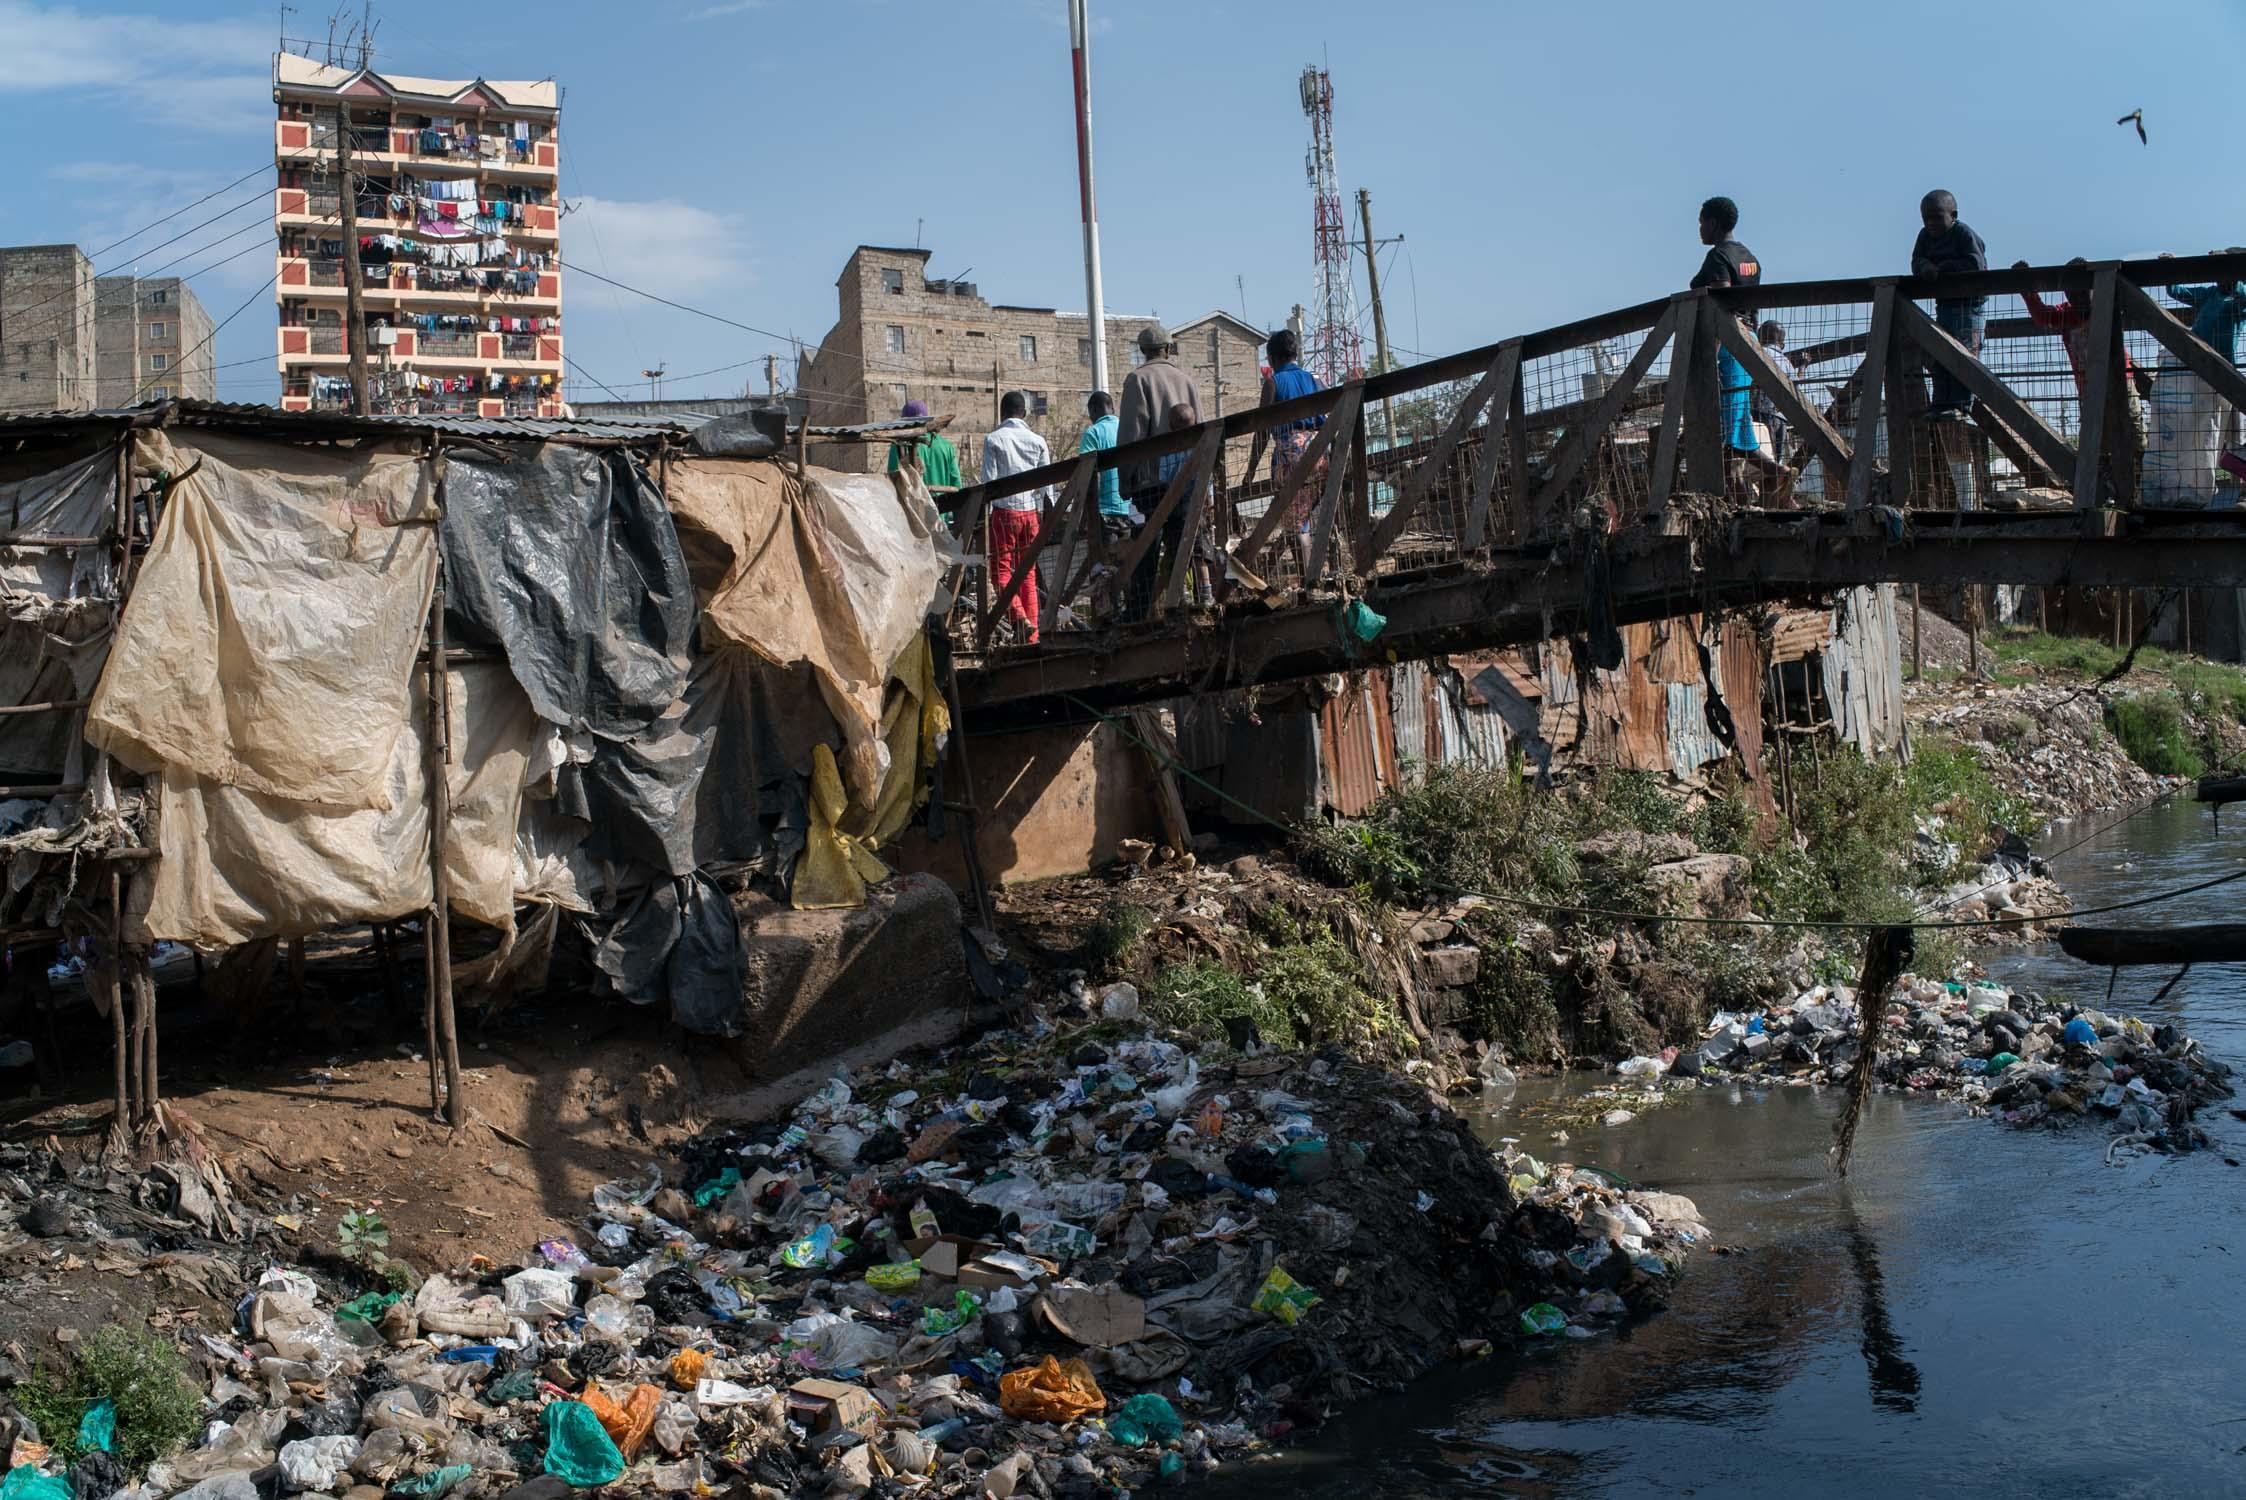 Mathare slum in Nairobi, Kenya. September 19, 2016.